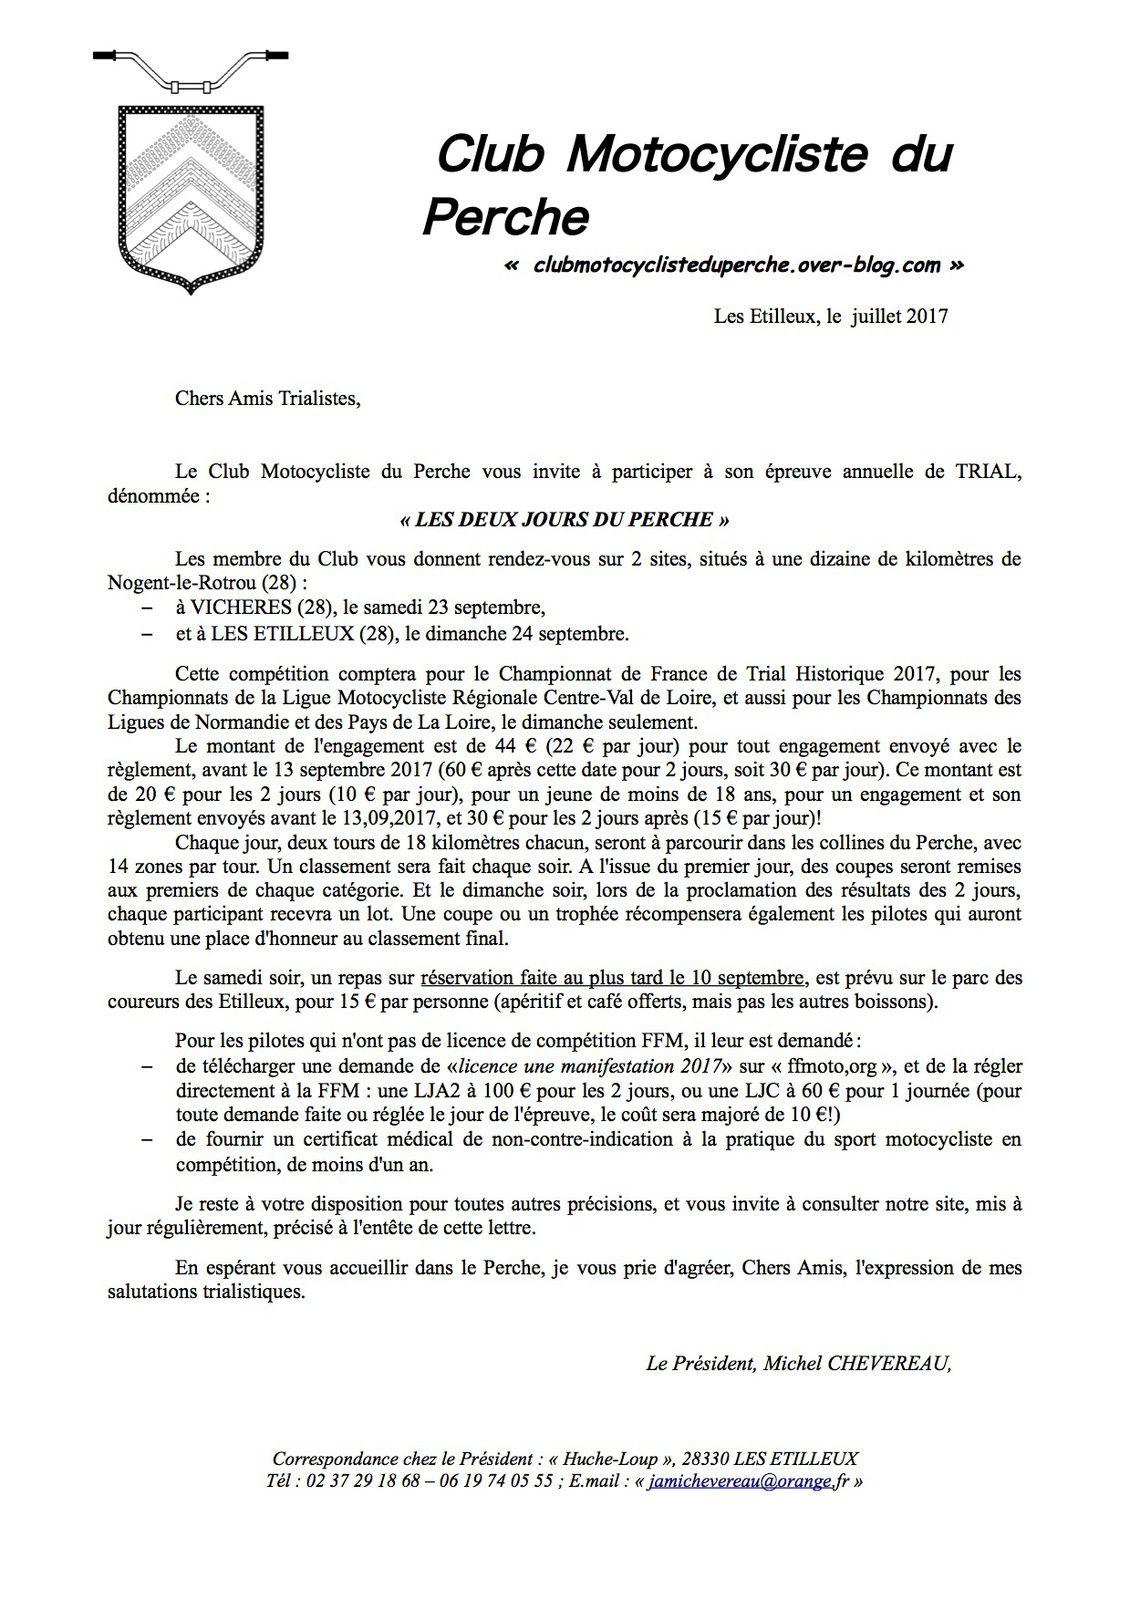 MISES À JOUR DES INFOS DES DEUX JOURS DU PERCHE 2017